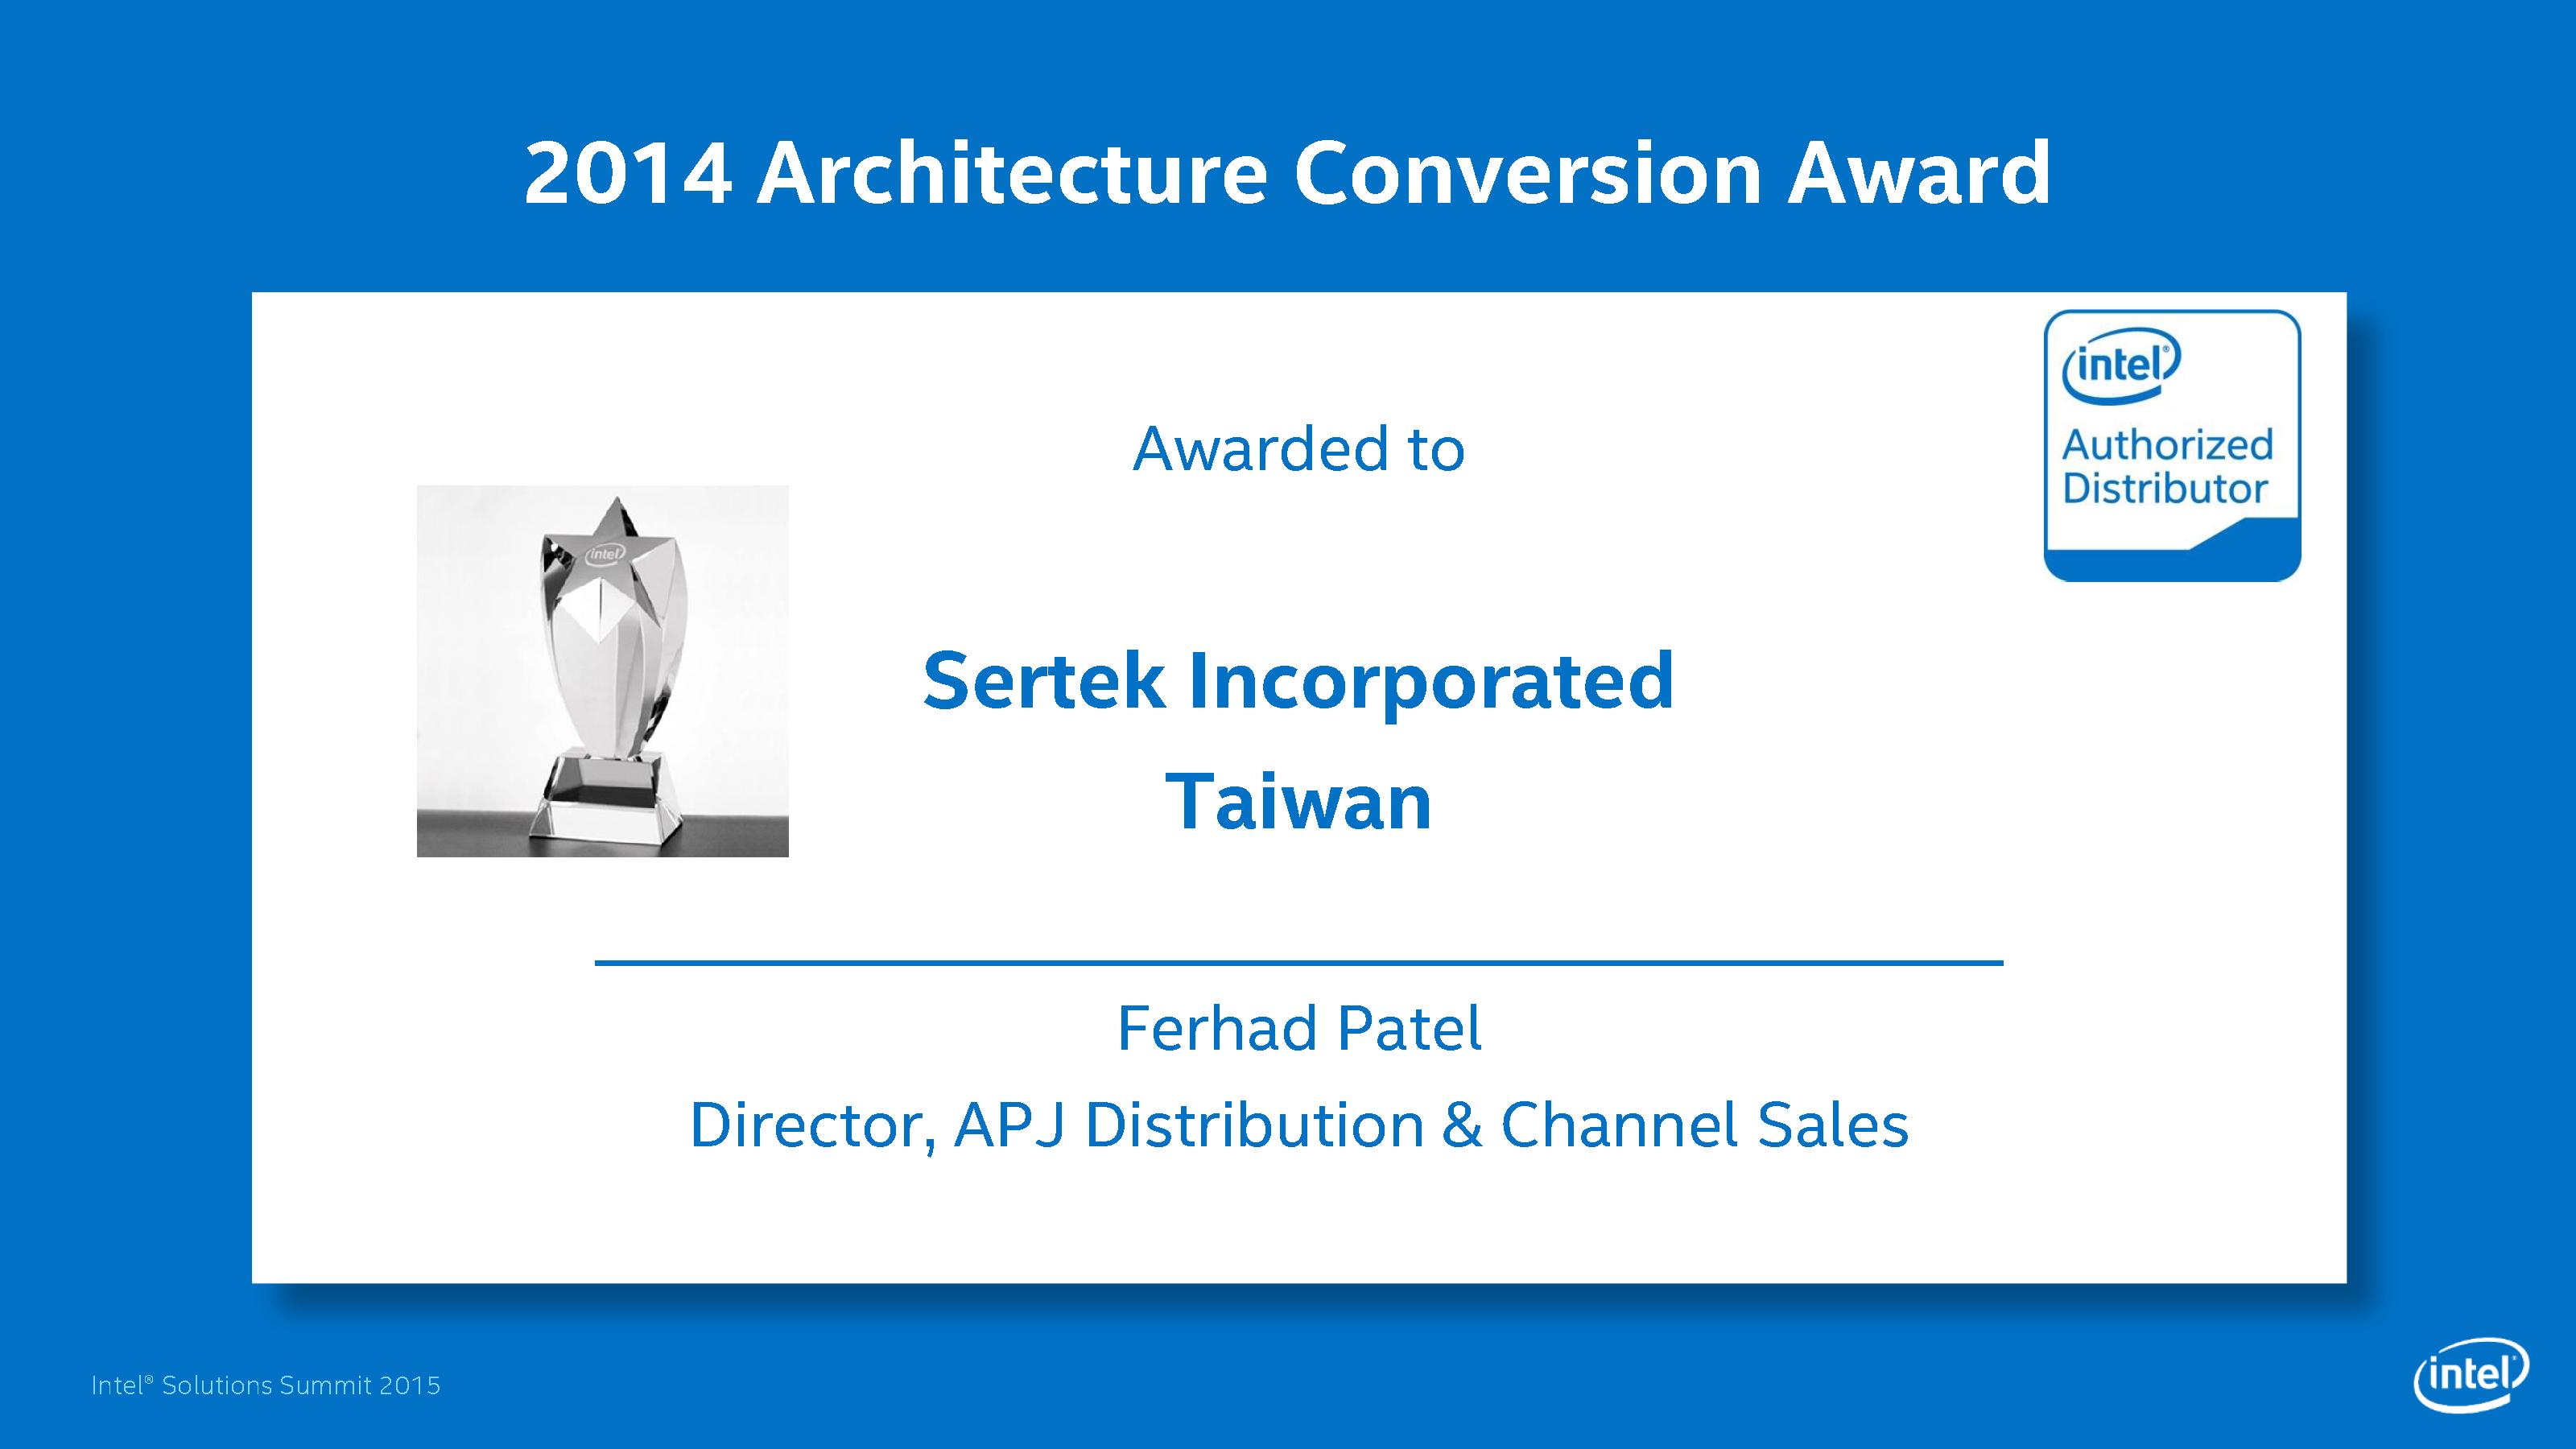 2014 Architecture Conversion Award